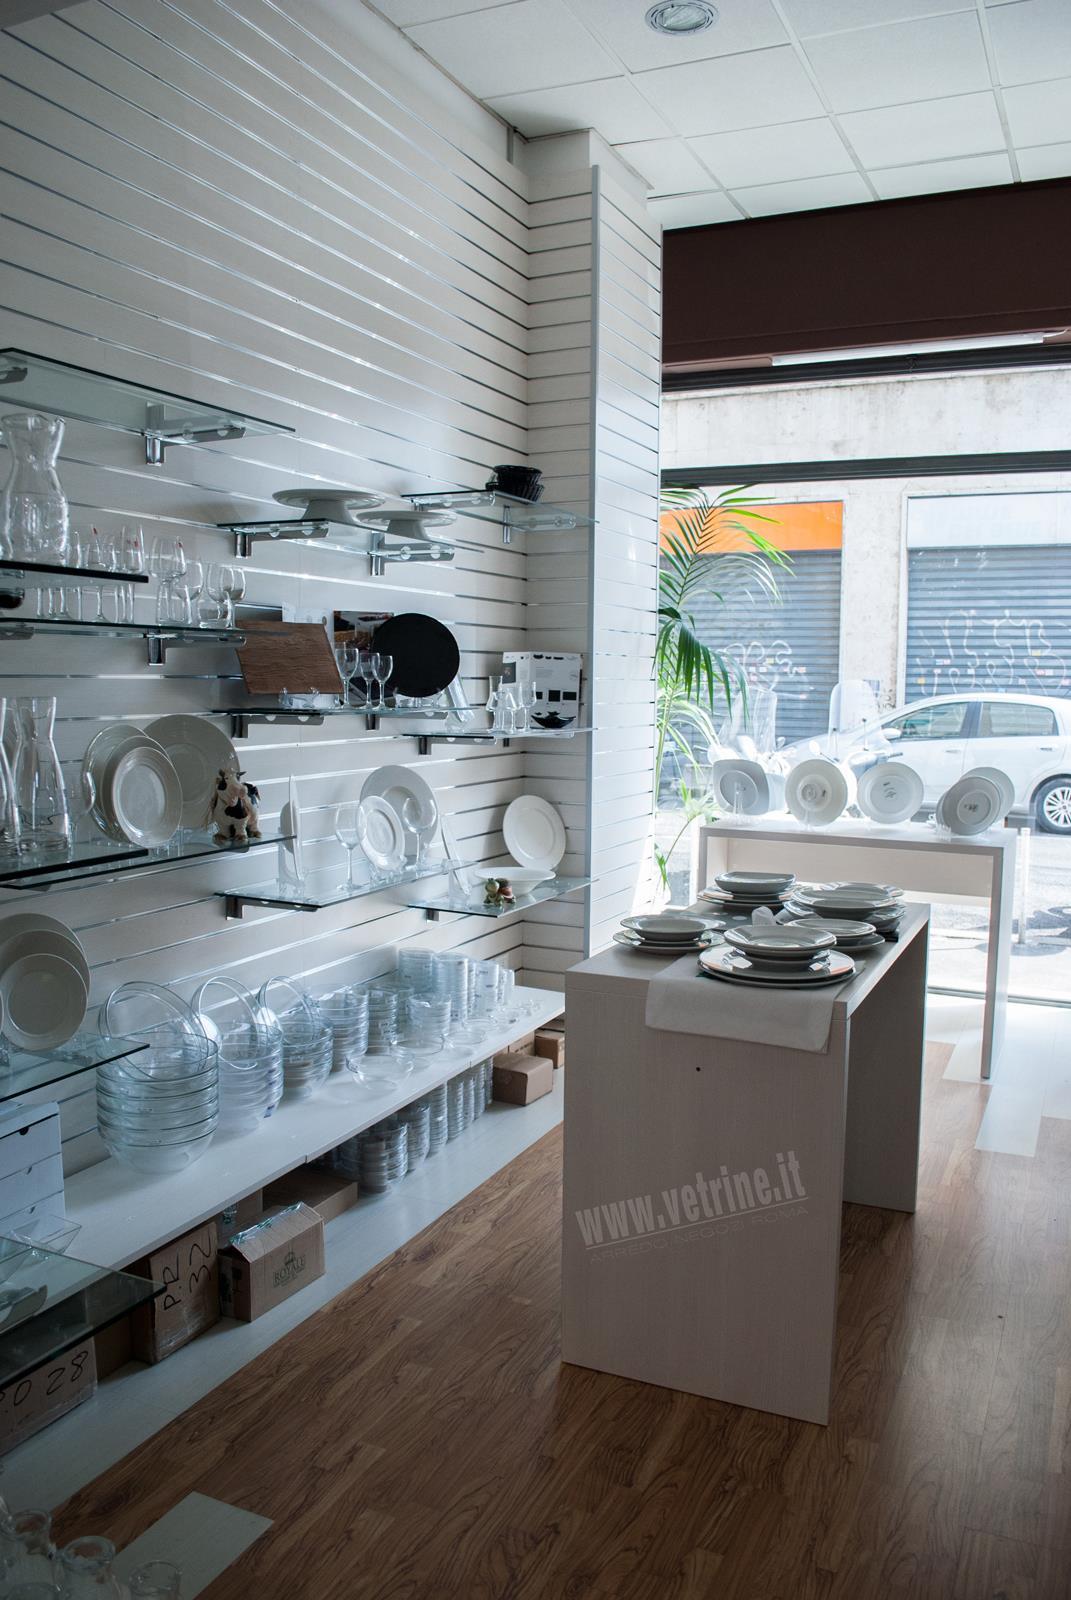 Arredamento prodotti per la ristorazione mar ny prodotti for Arredamento ristorazione